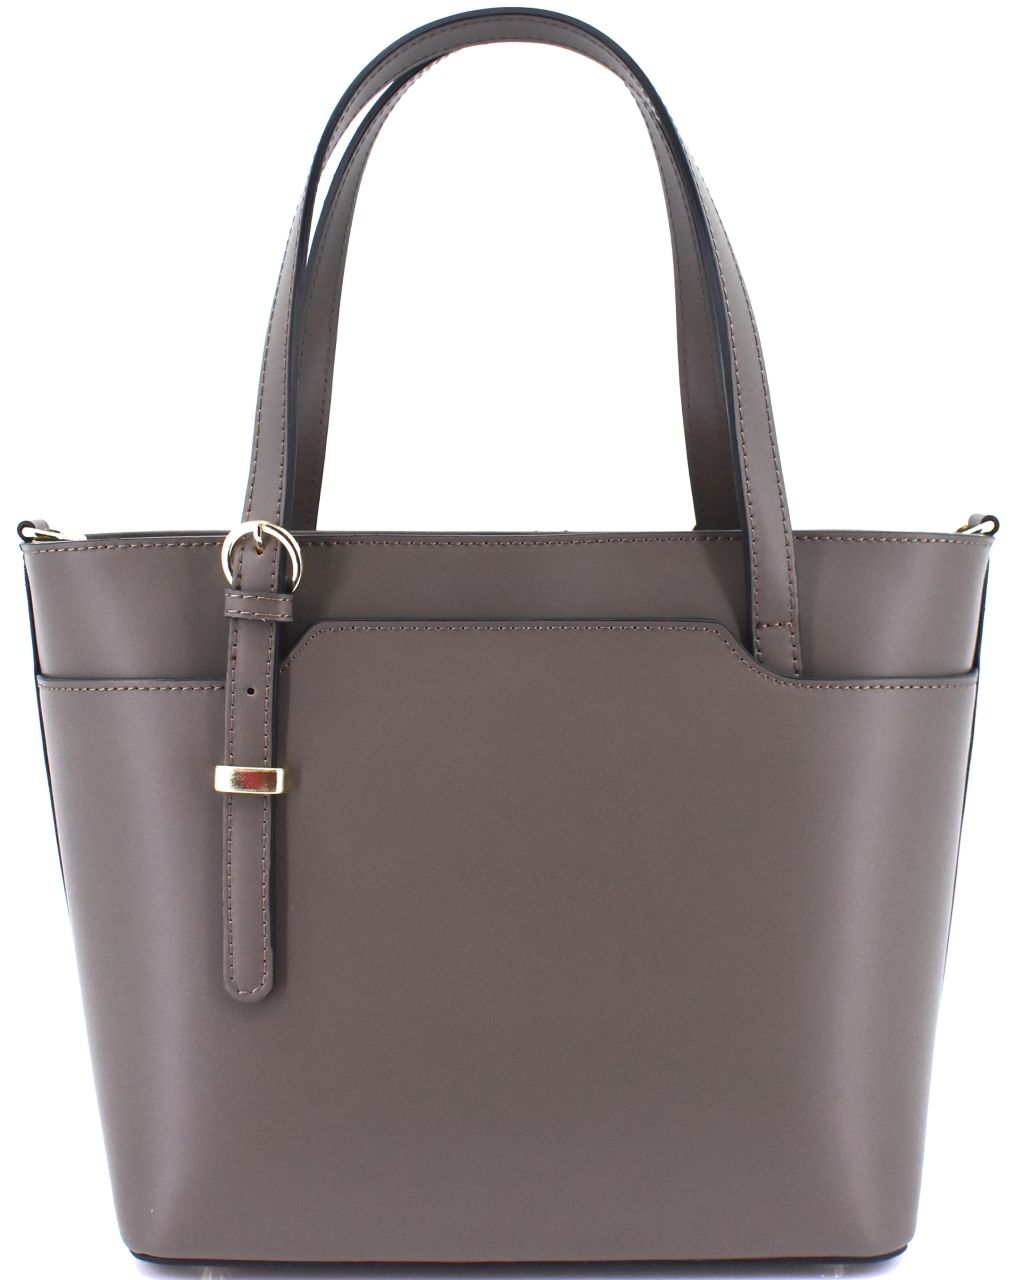 Moderní dámská kožená kabelka Arteddy - taupe